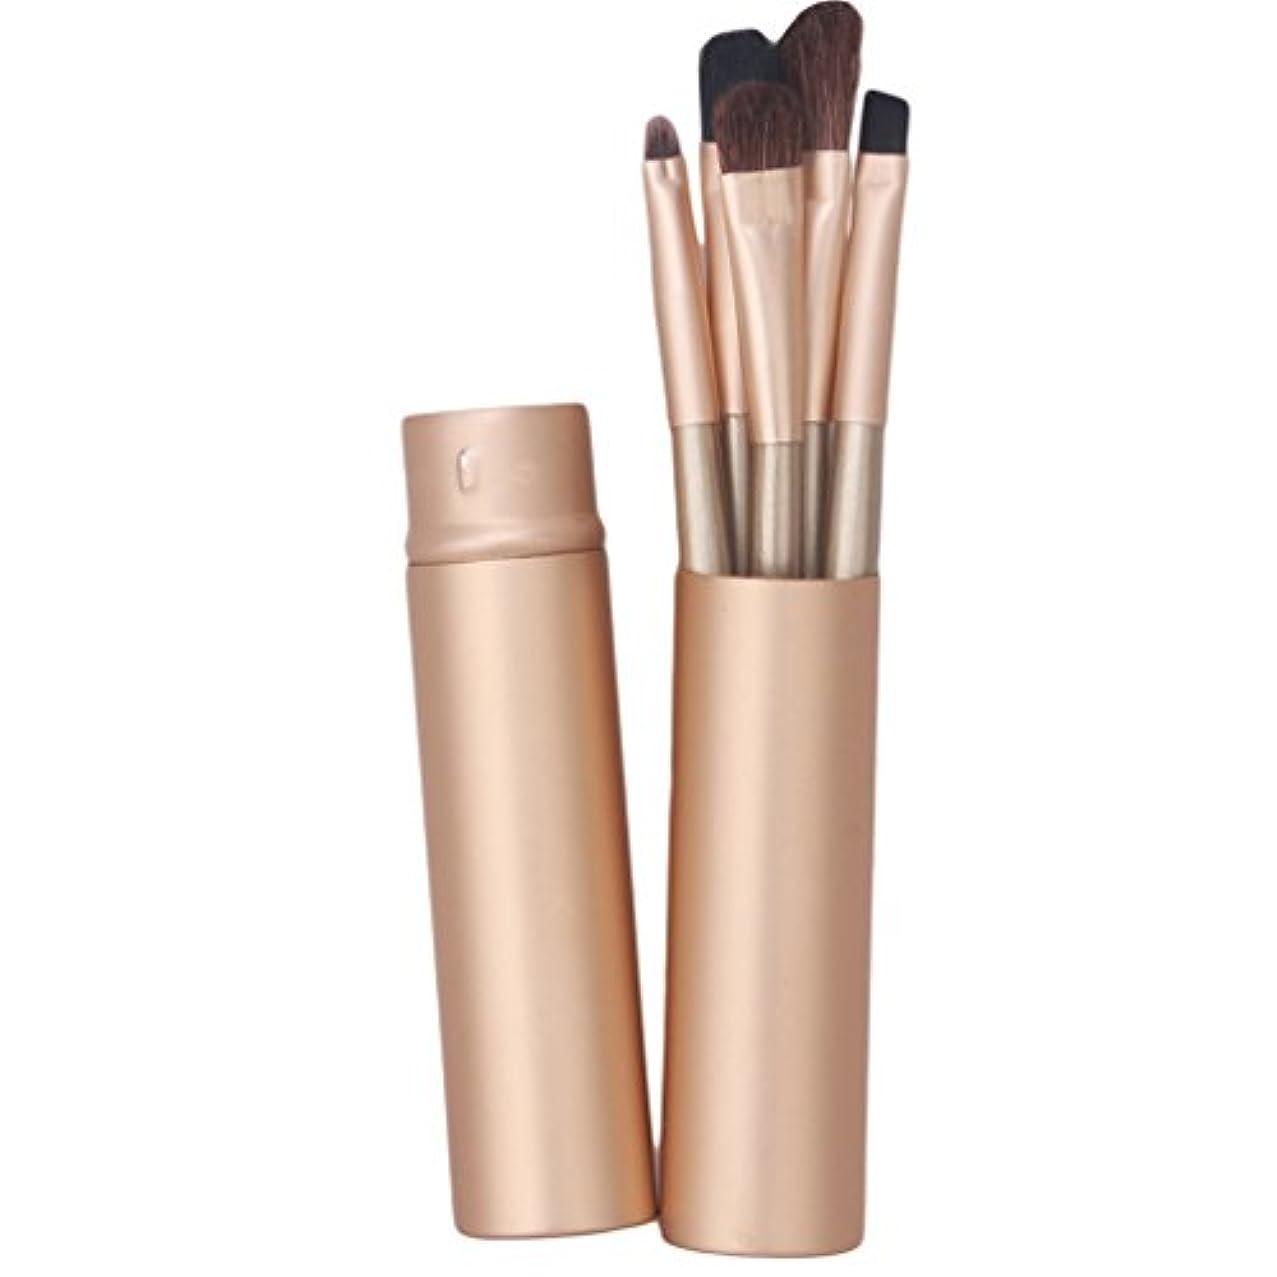 キャッチ代数解読するHeyuni.5本 化粧筆 メイクブラシセット 化粧ブラシ セット コスメ ブラシ 収納ケース付き